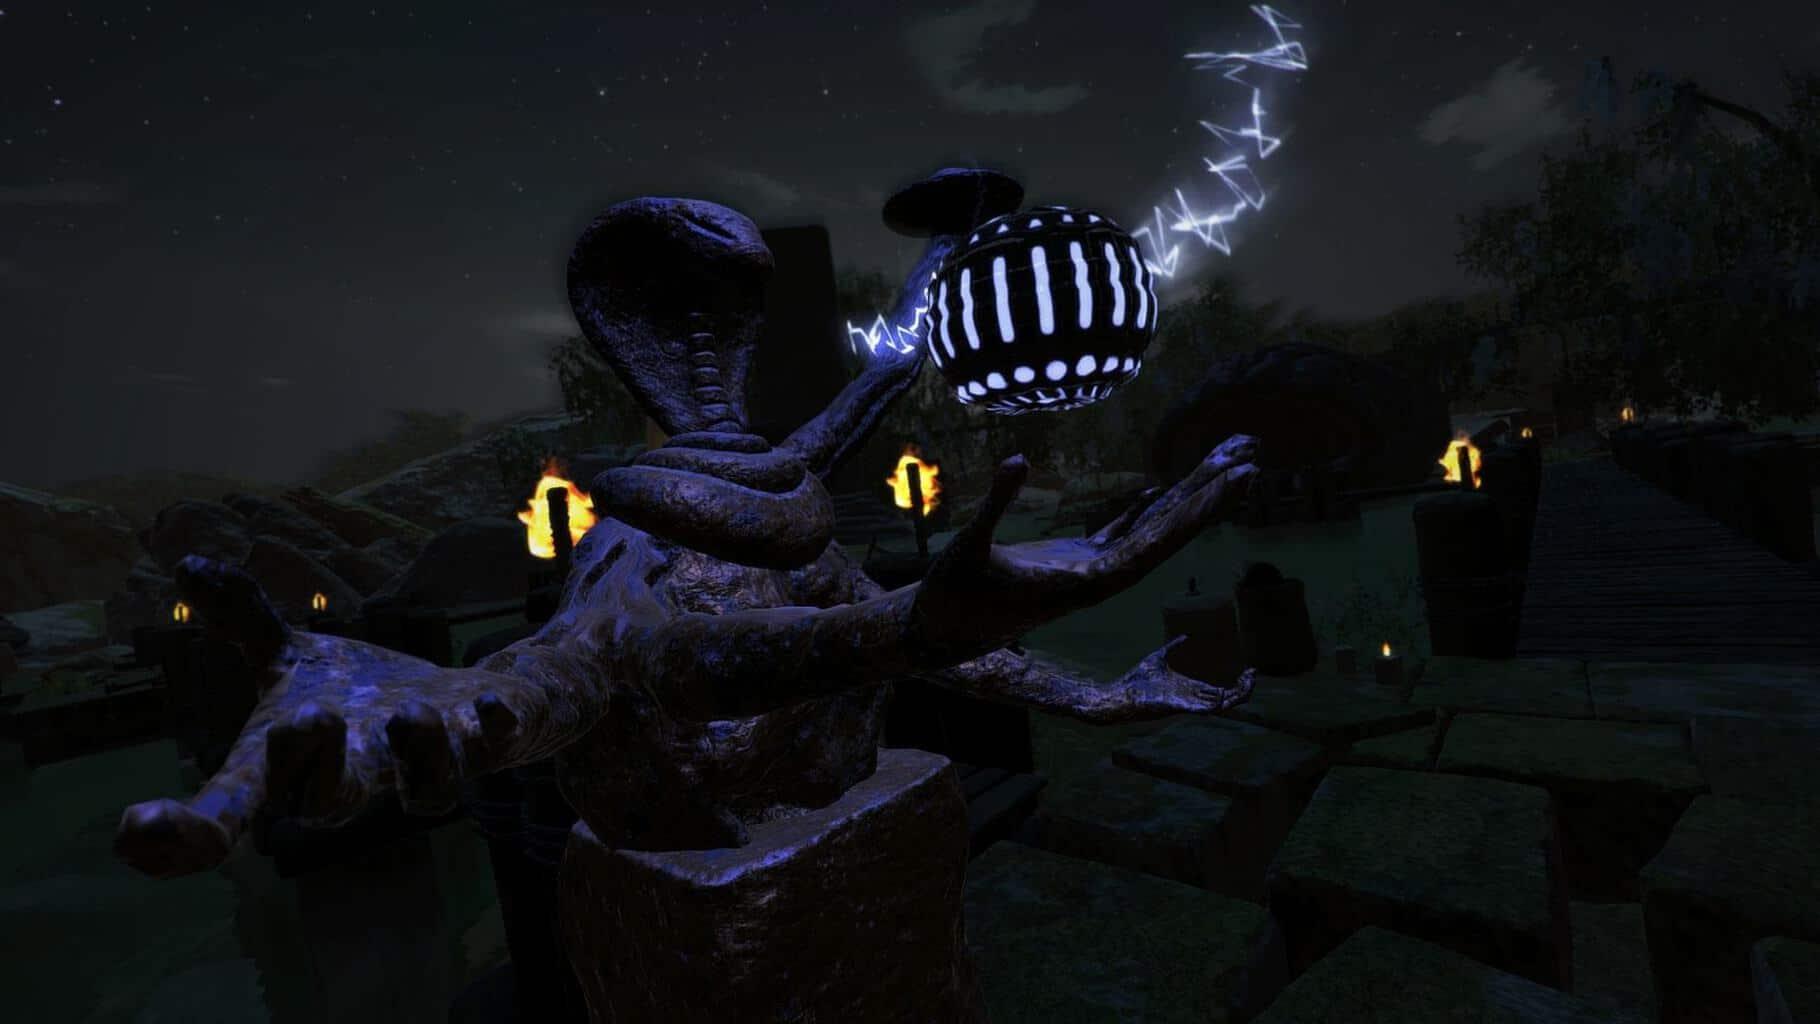 Någon sorts elak ormgud med lysande bollar?